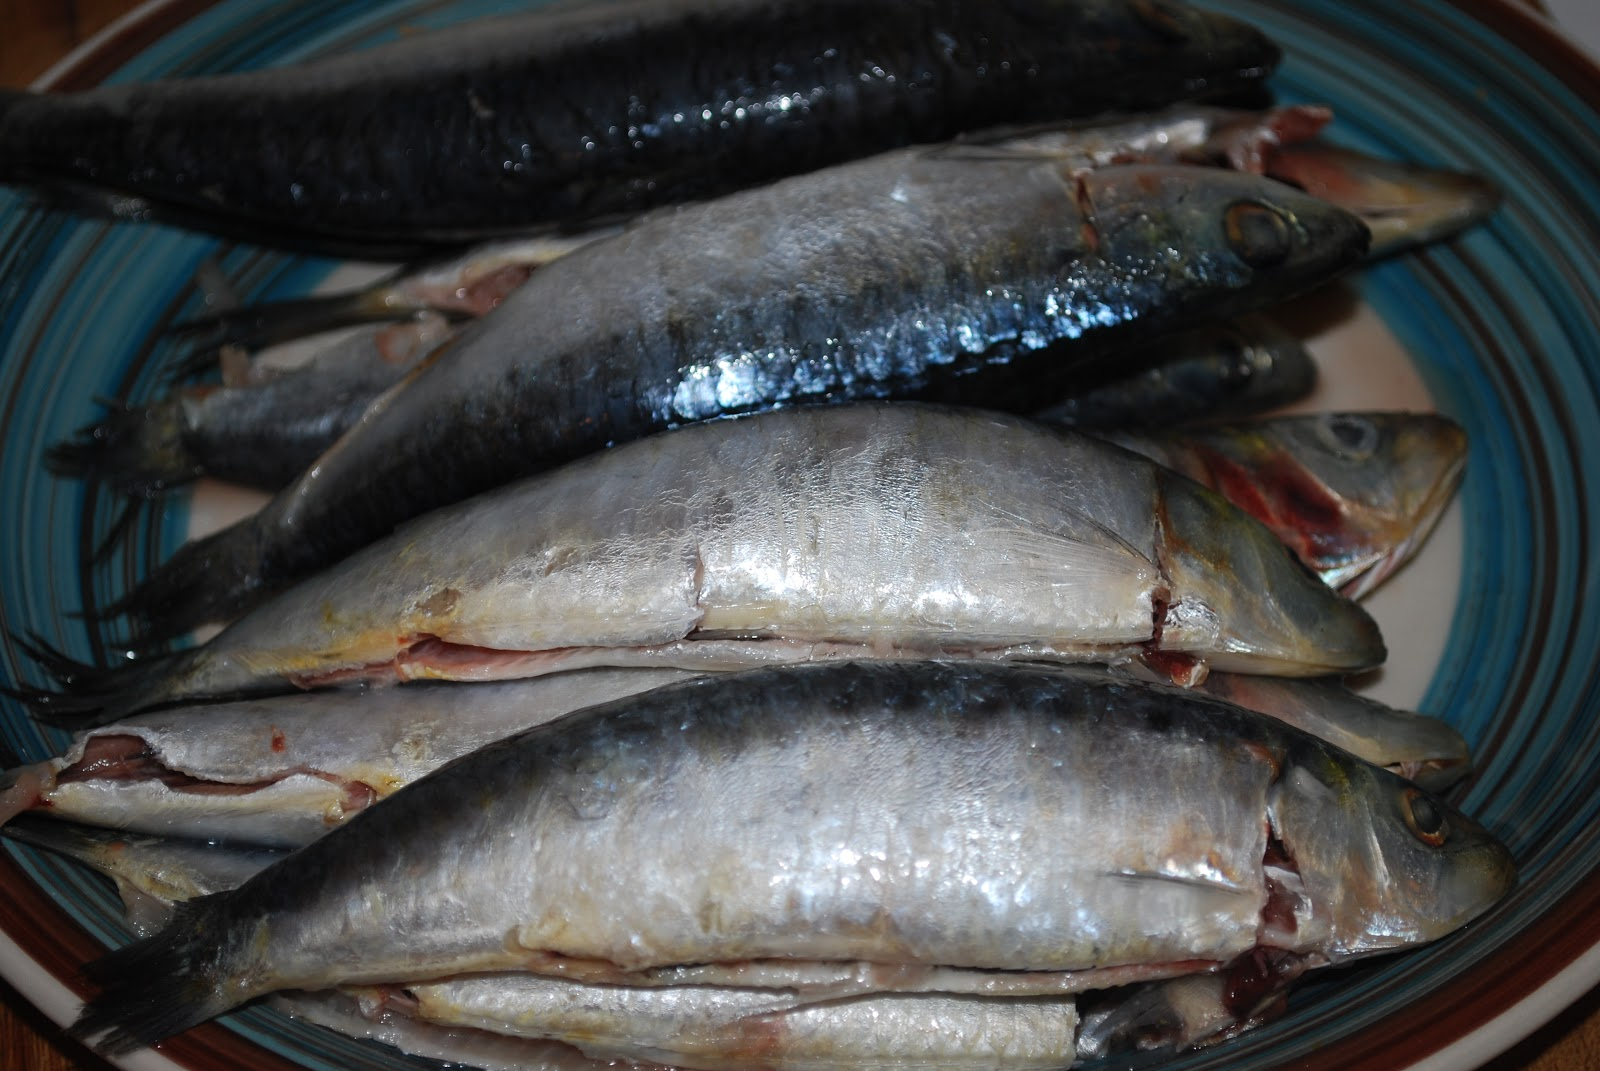 Kiss the kooks bbq sardines for Lowest mercury fish